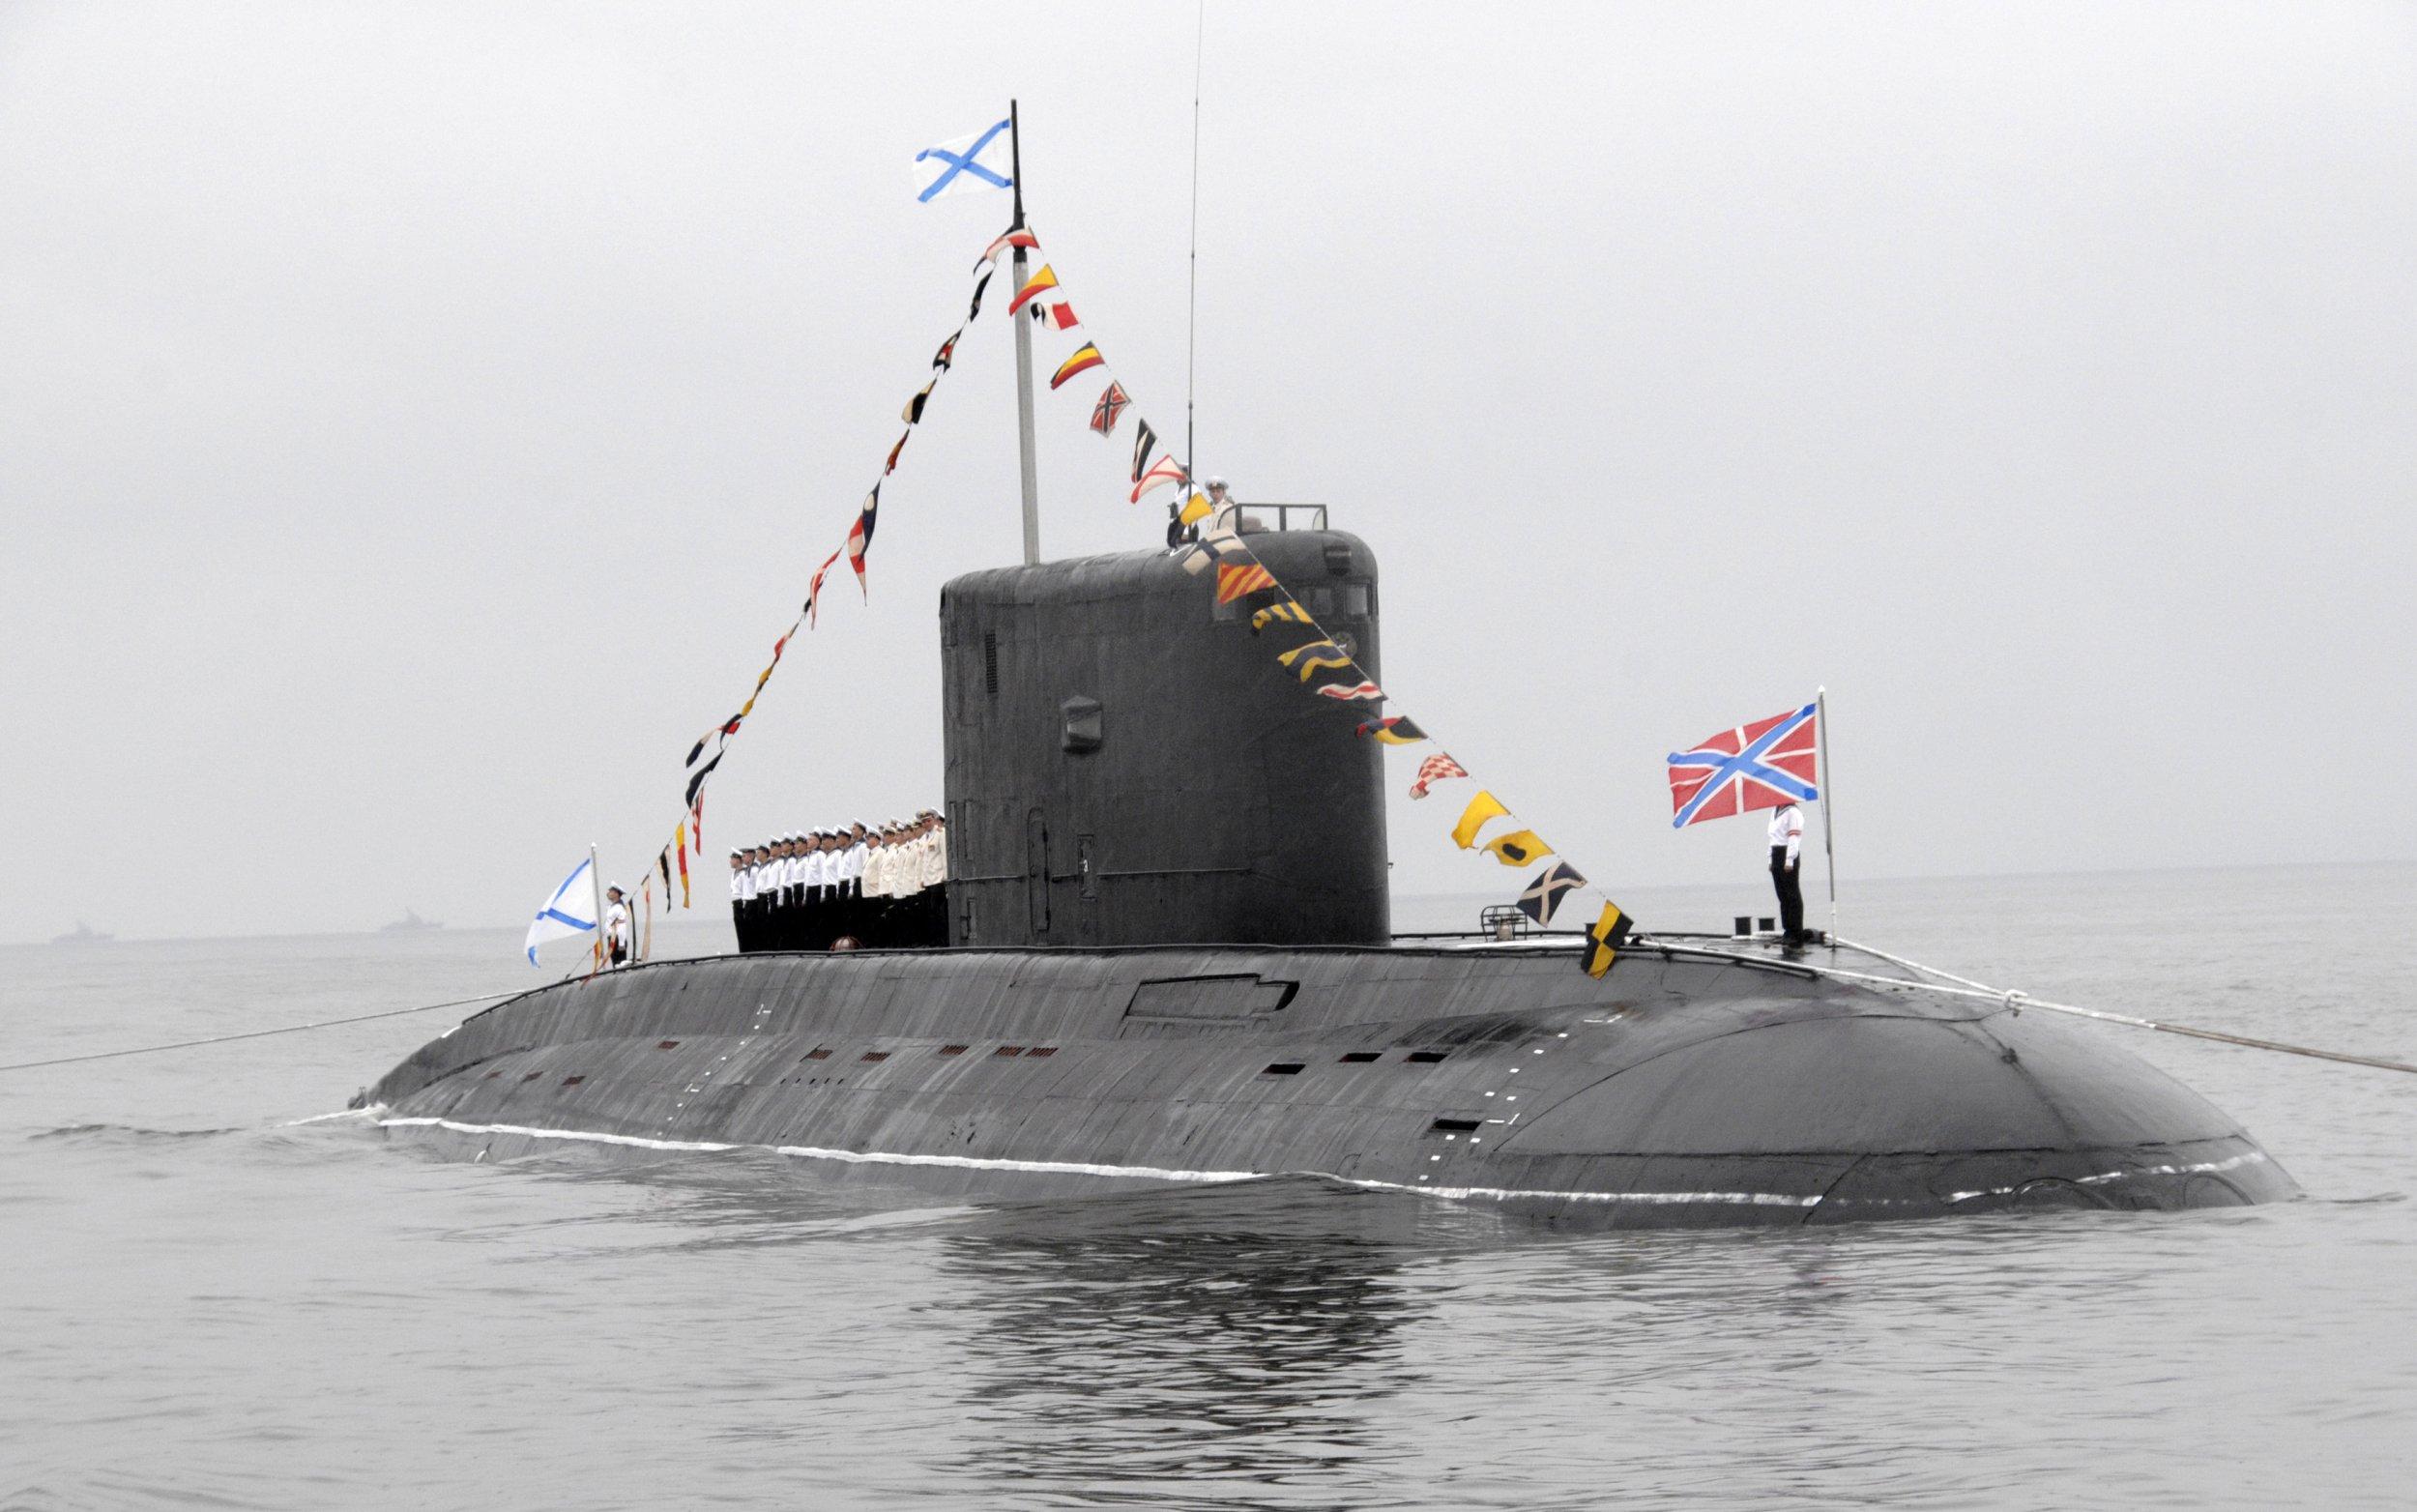 British sailors noticed Russian submarines in the Mediterranean Sea 10/30/2016 3